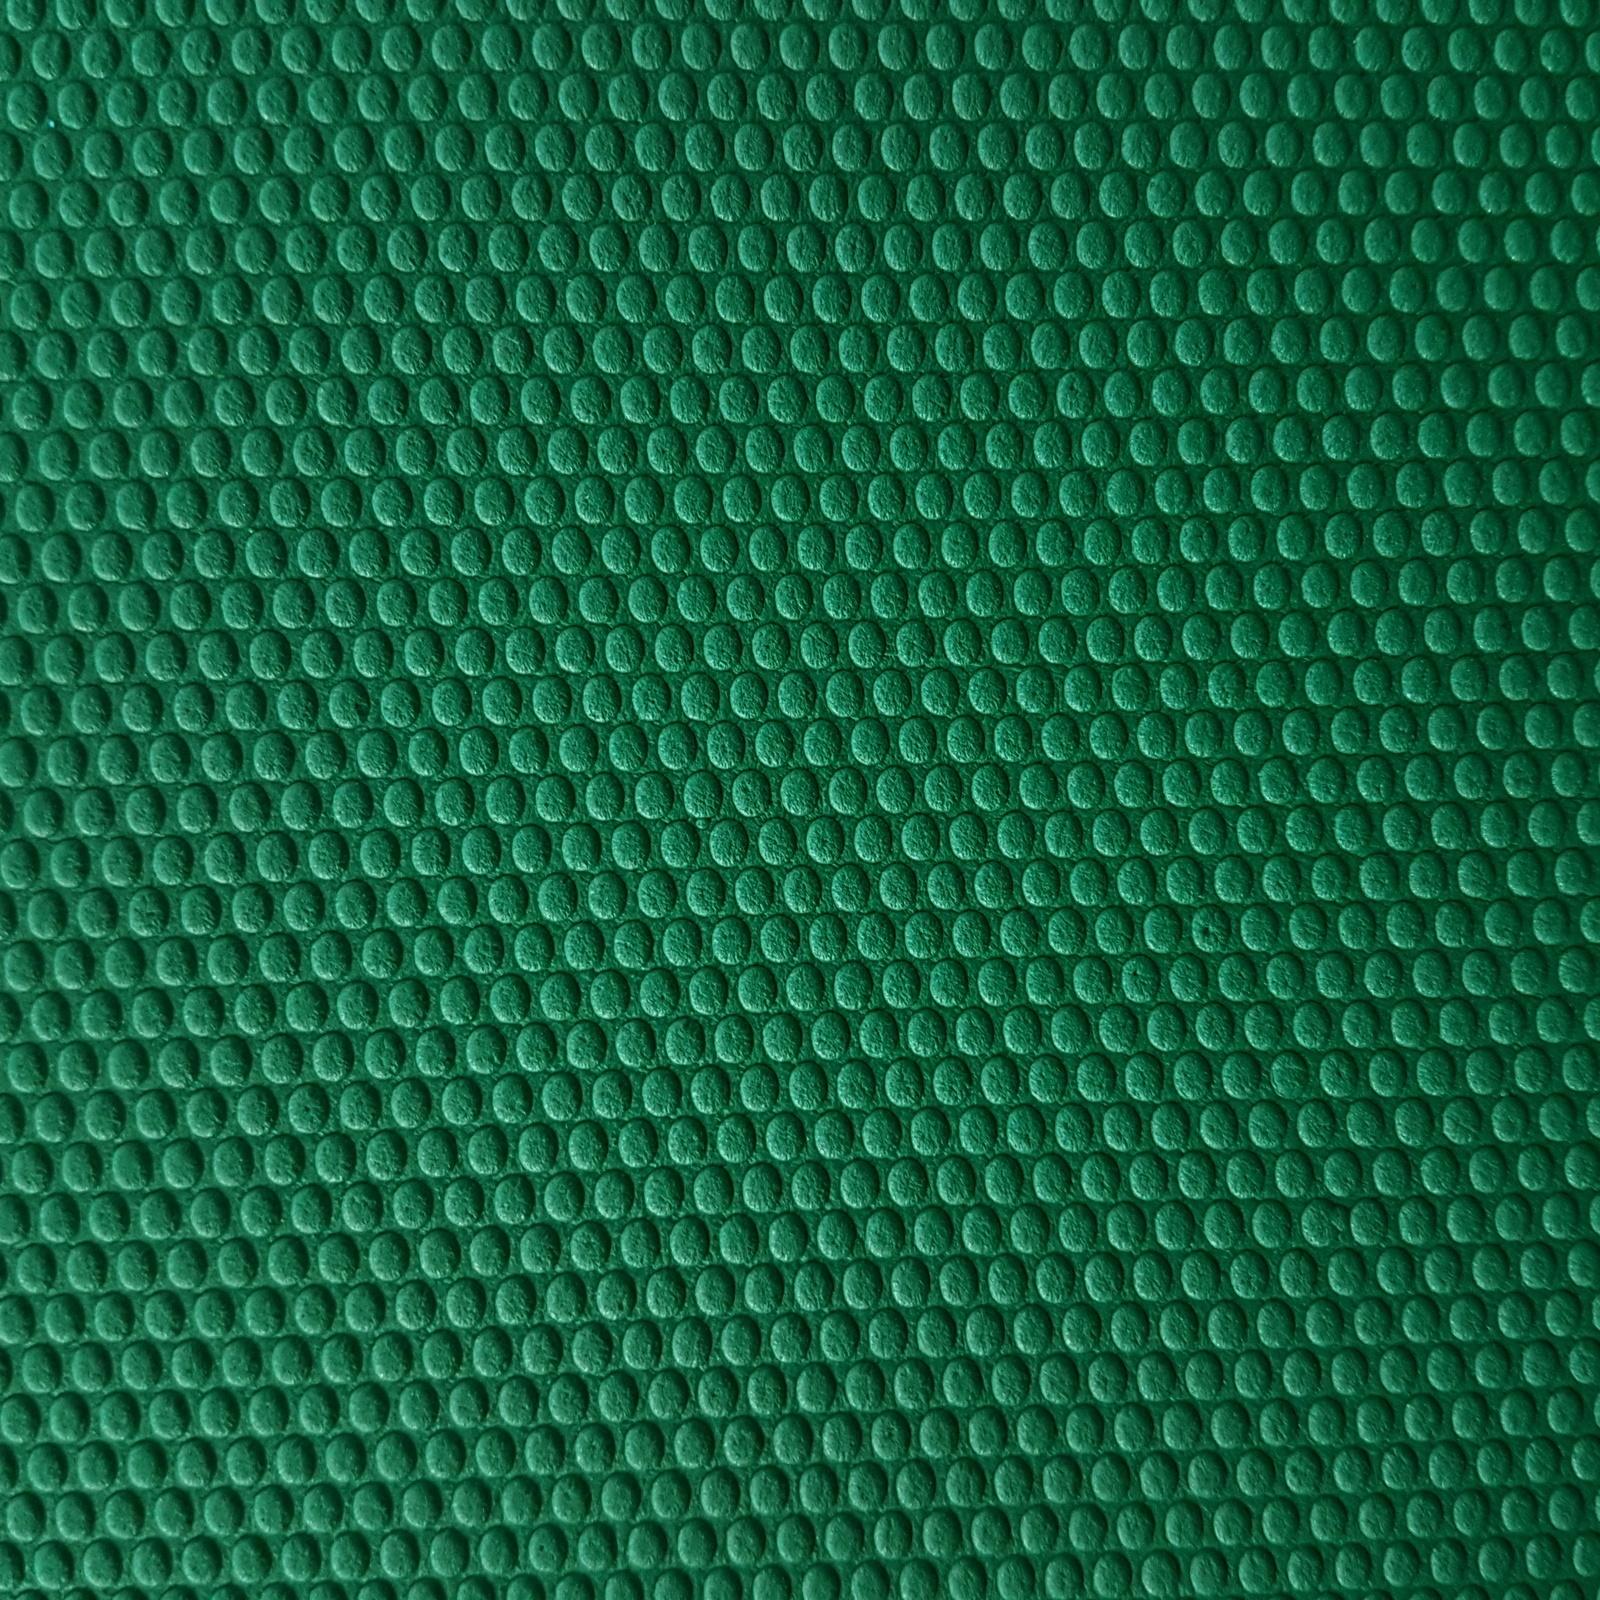 embosat verde